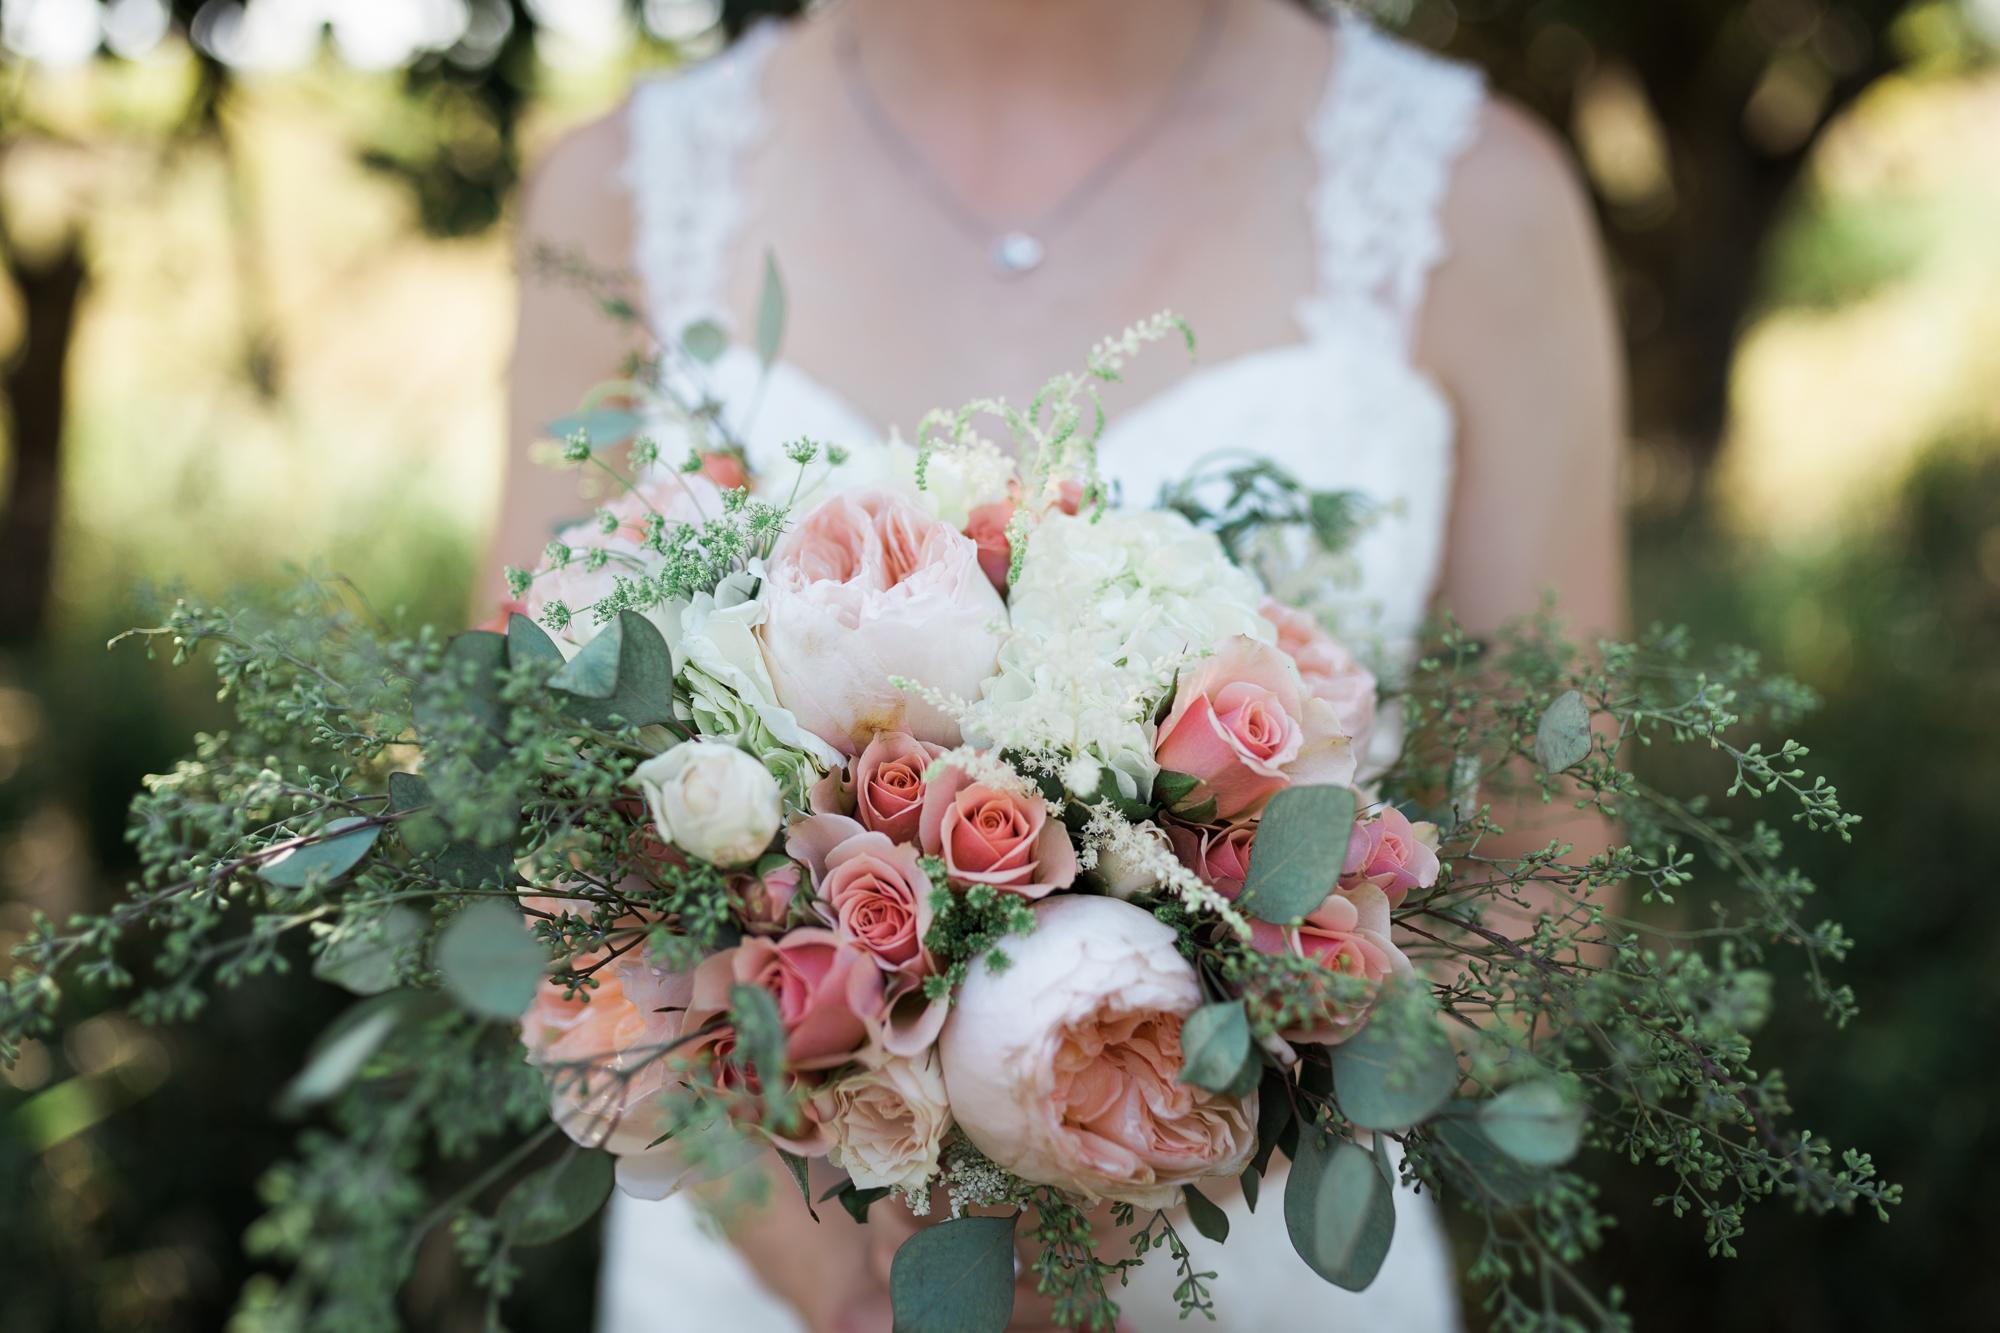 Deanna-Rachel-Photography-calgary-Wedding-photographer-jm-55.jpg